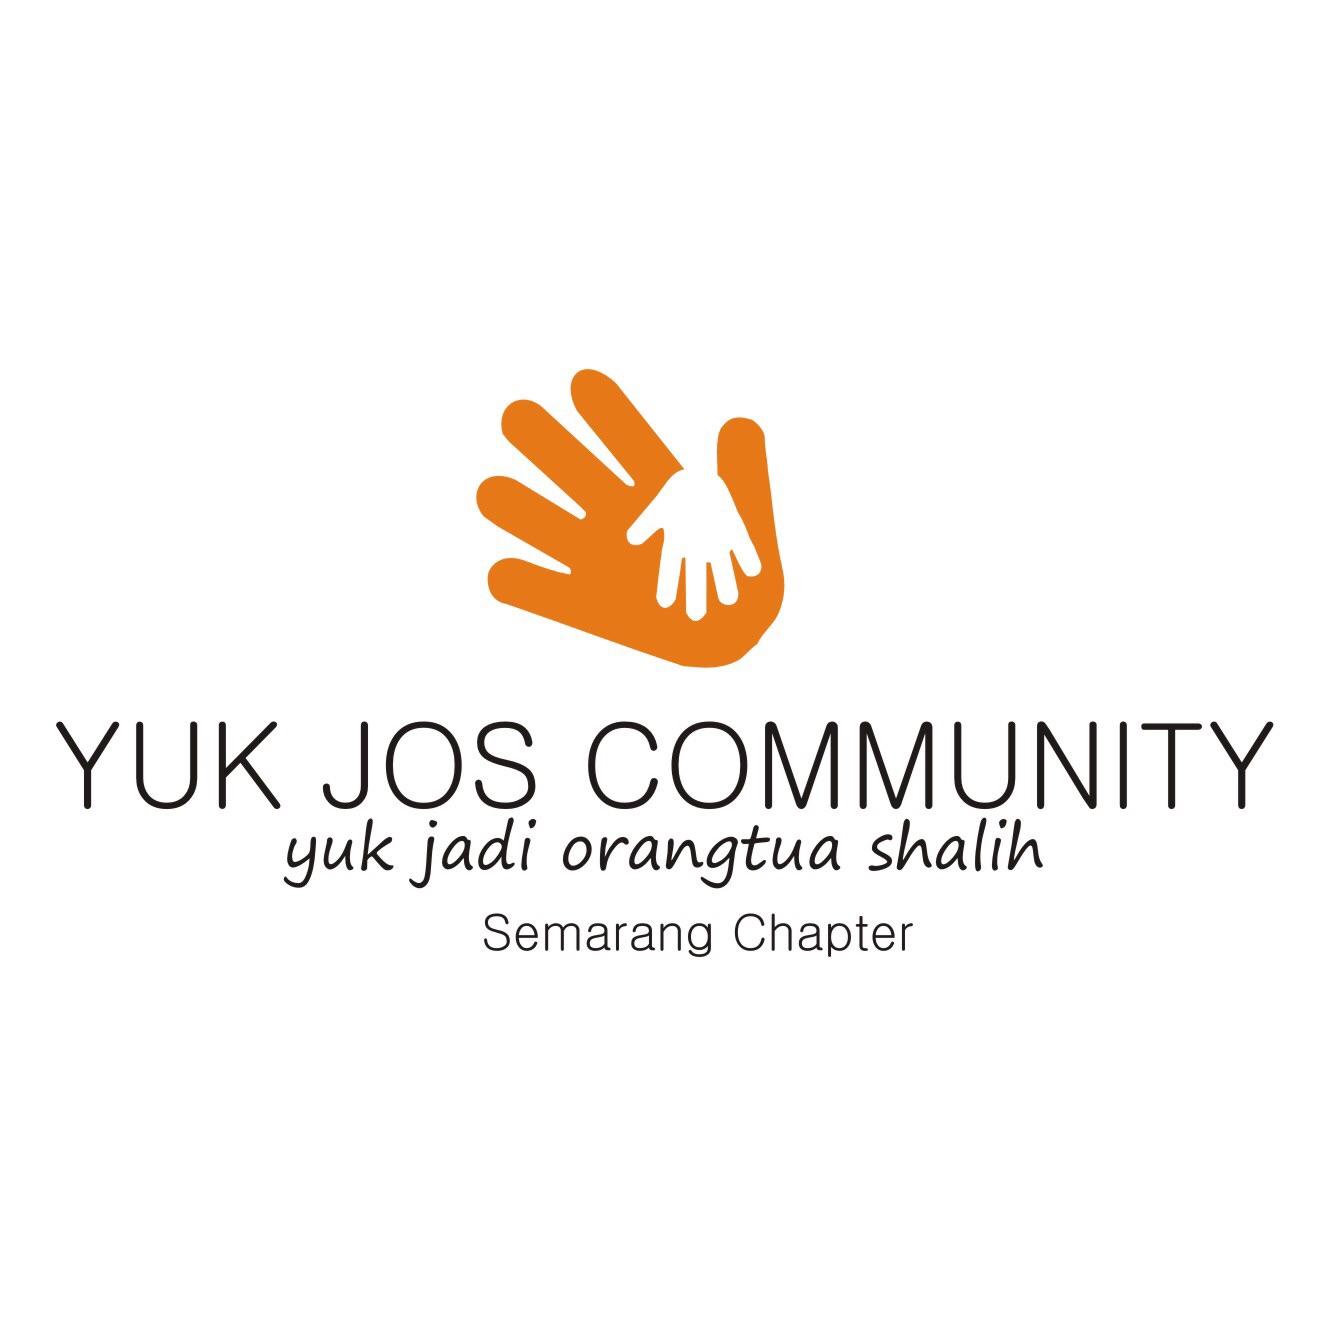 Yukjos Community